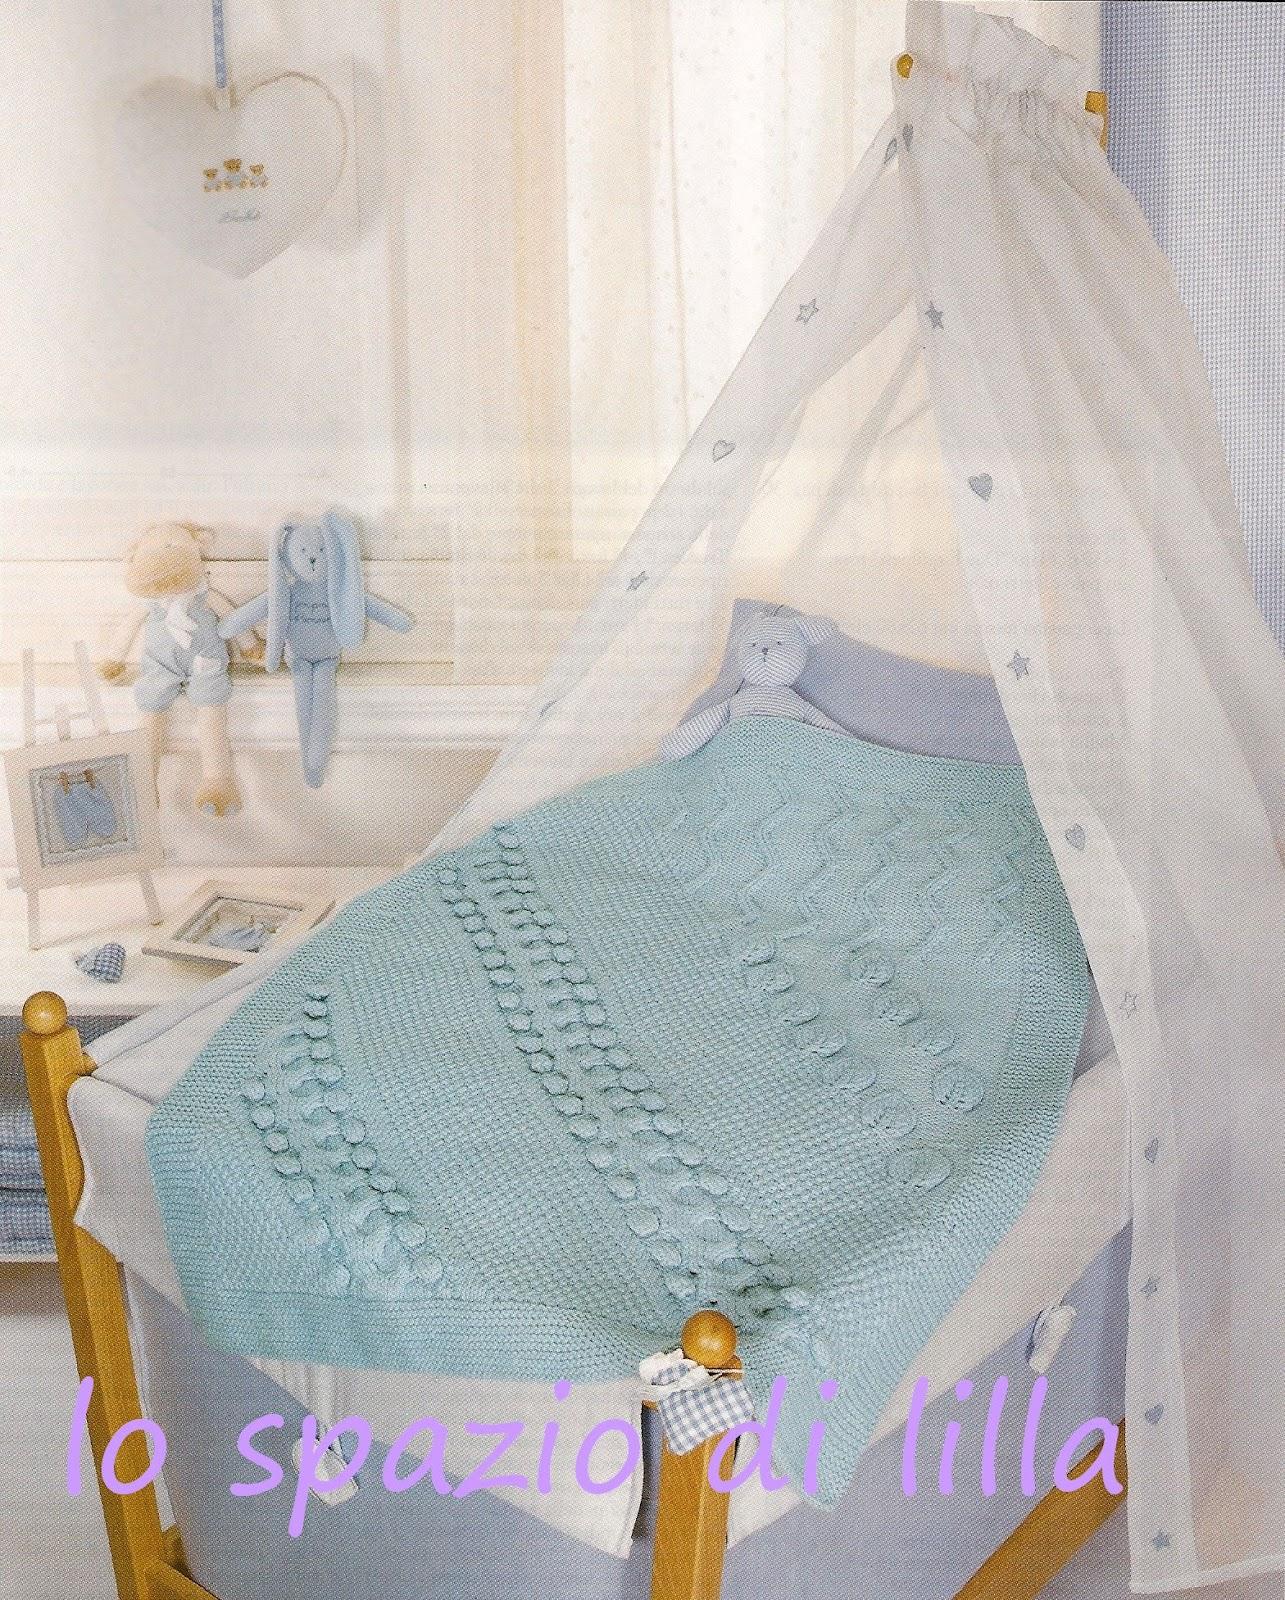 Copertine per neonato: una lilla all'uncinetto ed una celeste ai ferri ...